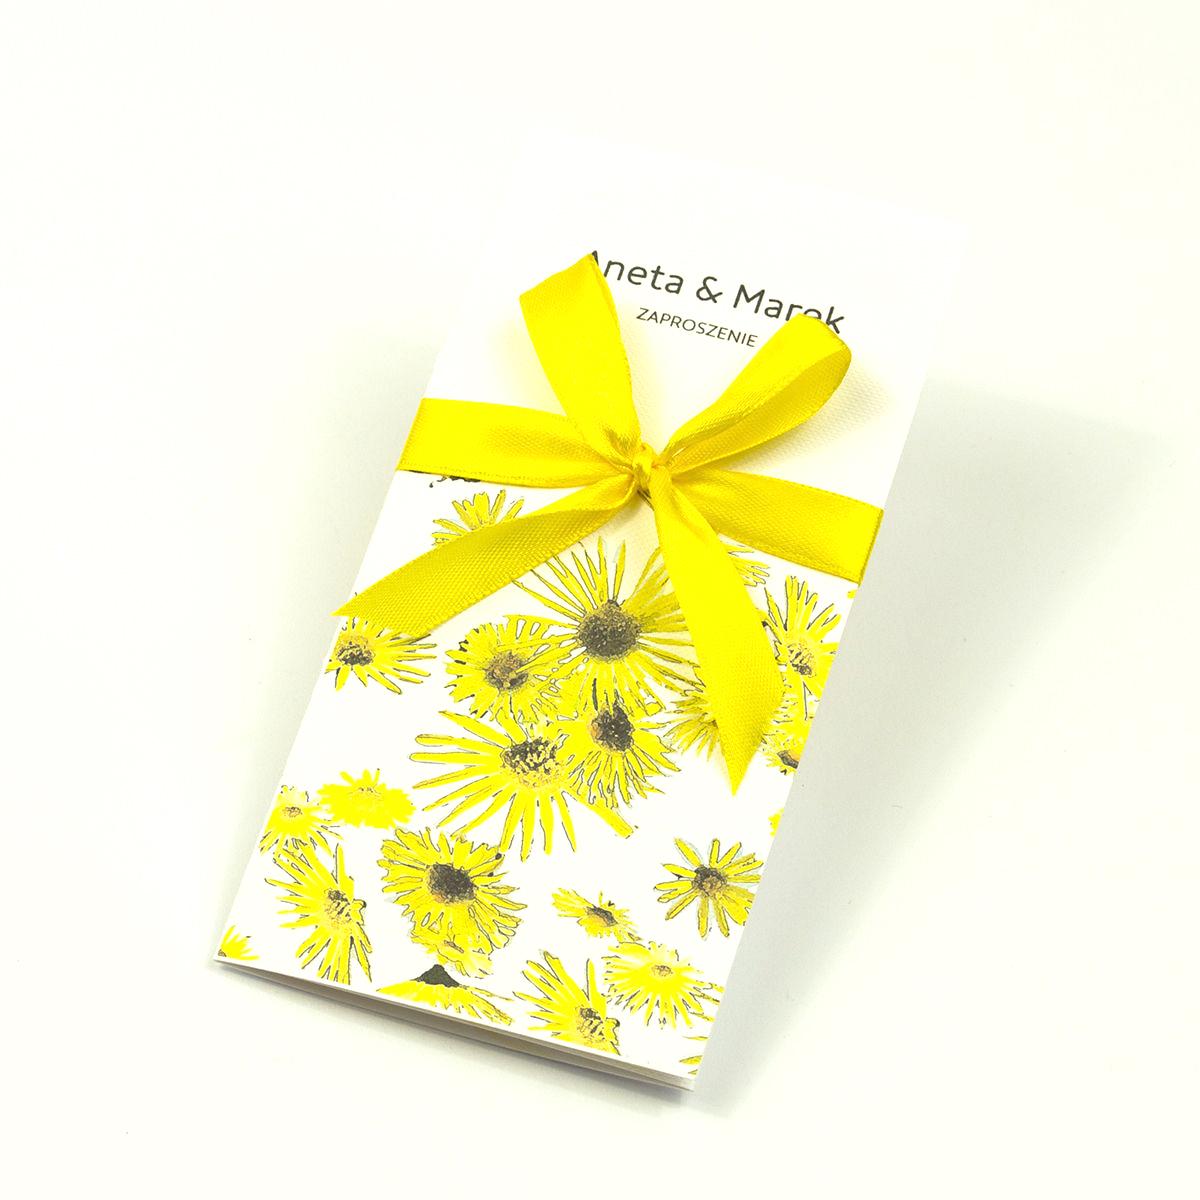 Zjawiskowe zaproszenia ślubne ze słonecznikami, przewiązane wstążką satynowaną w kolorze żółtym. ZAP-92-19